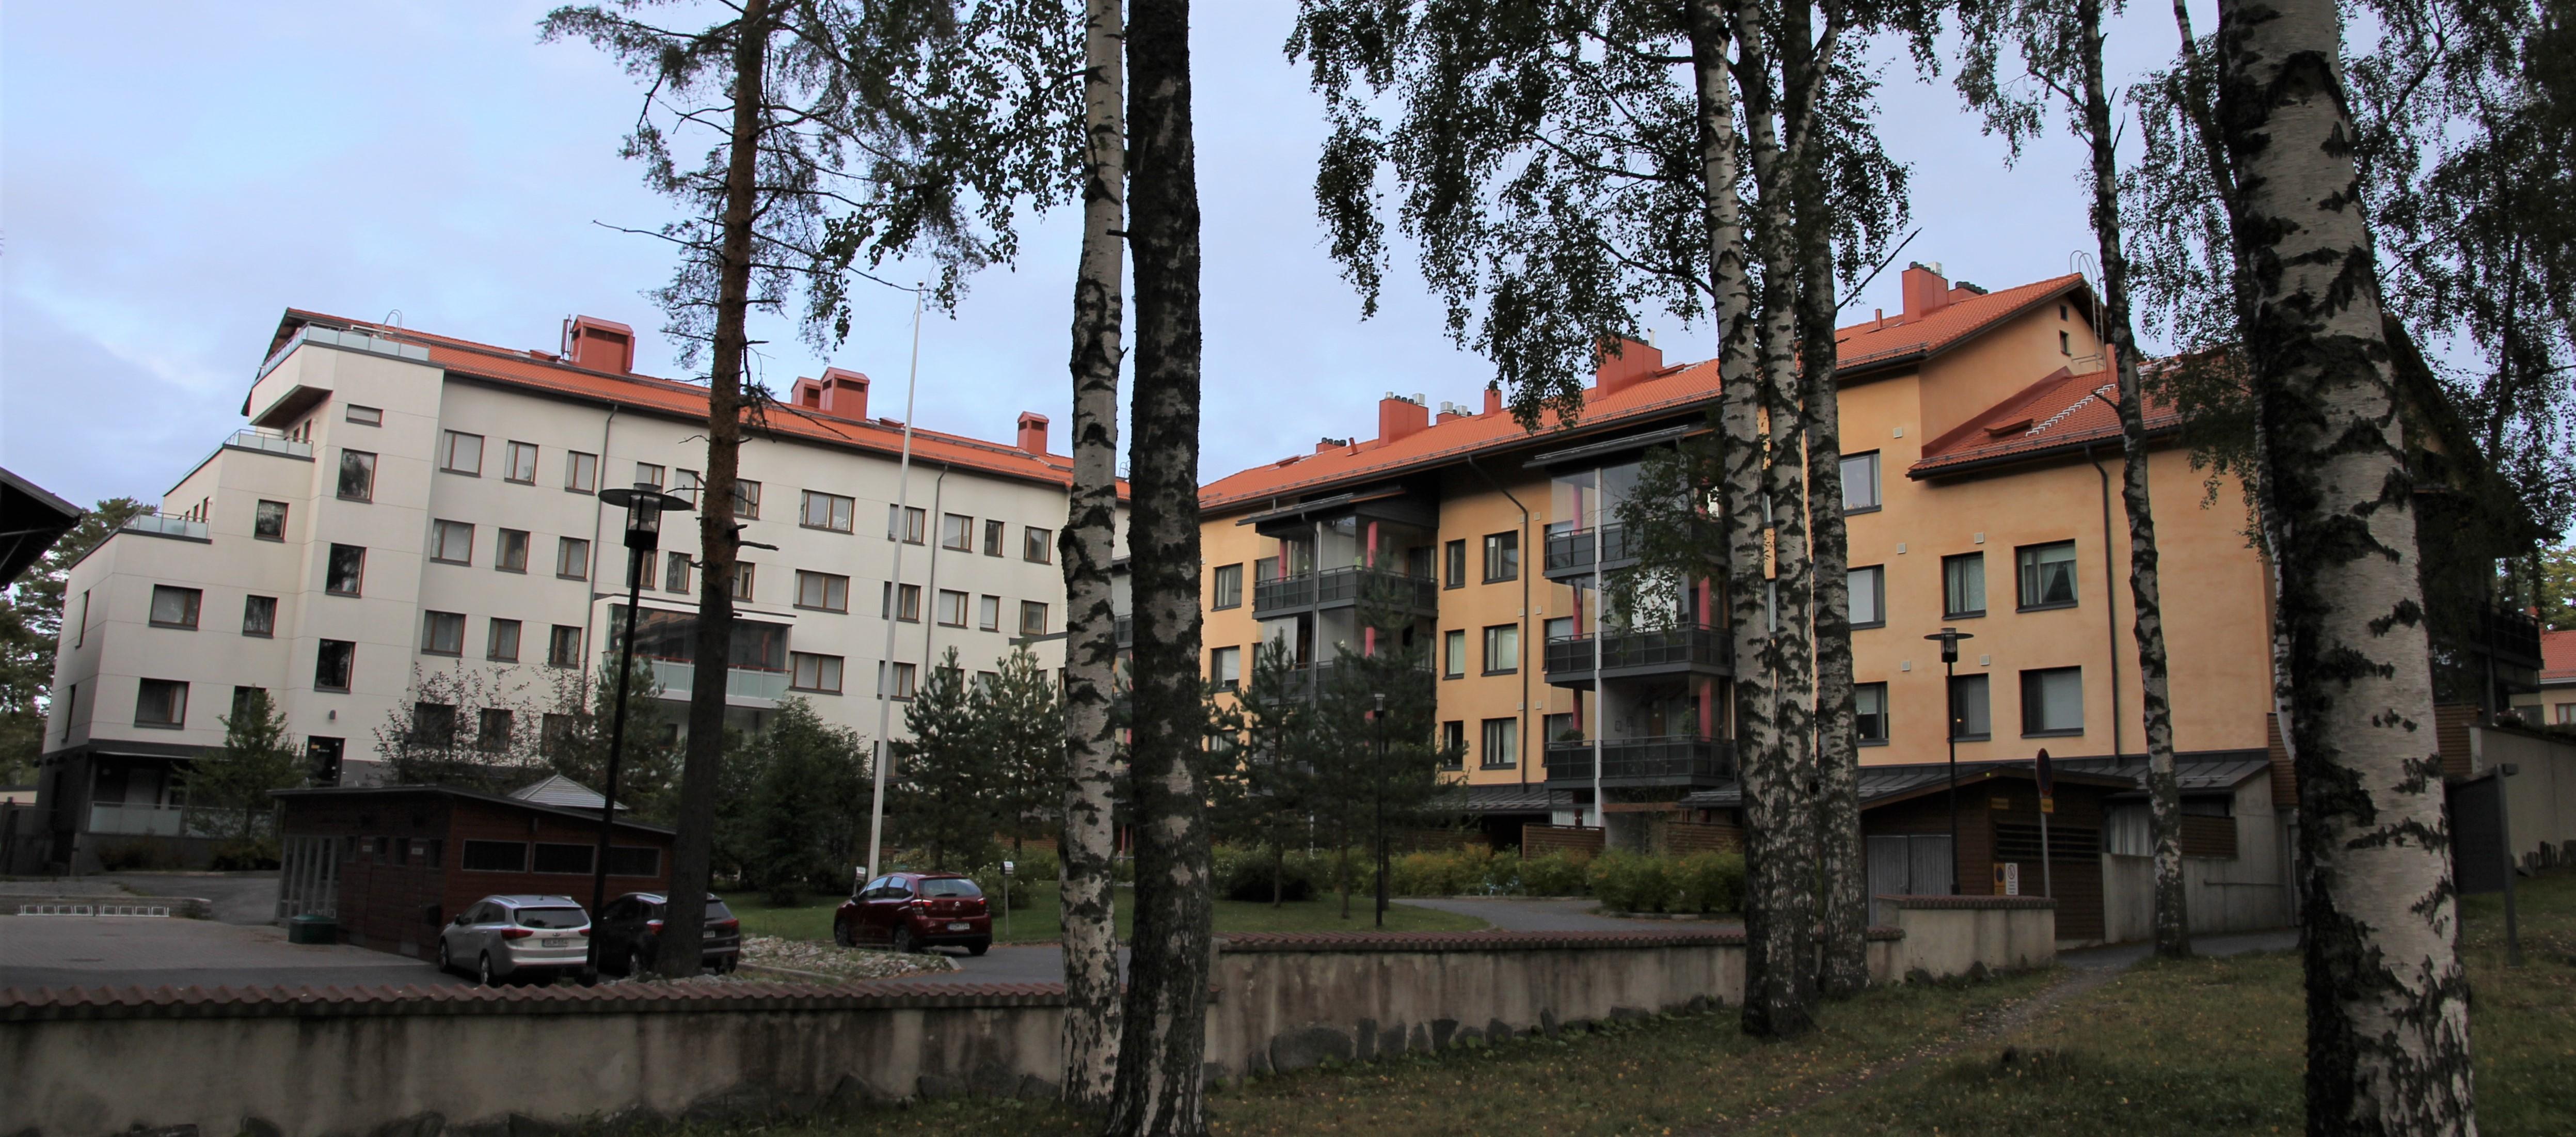 File Kys Alavan Sairaala Kaartokatu 9 Haapaniemi Kuopio 4